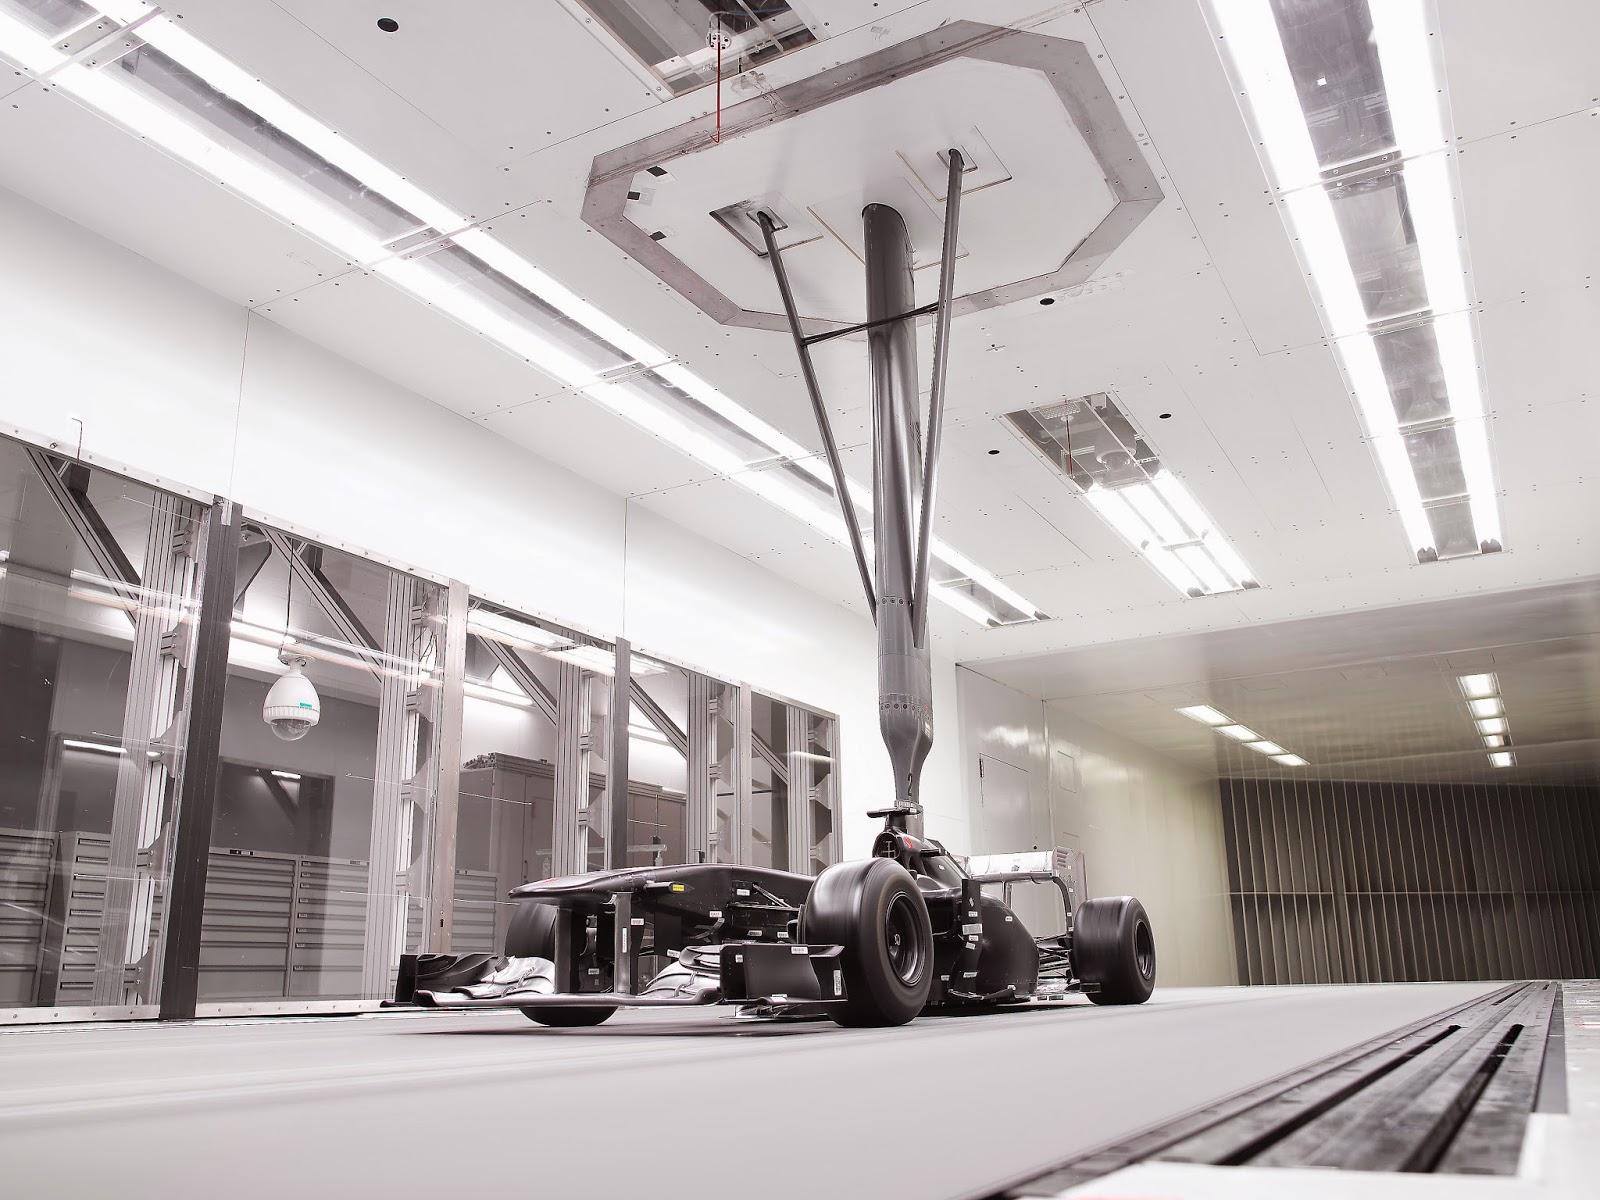 Tunel de viento F1